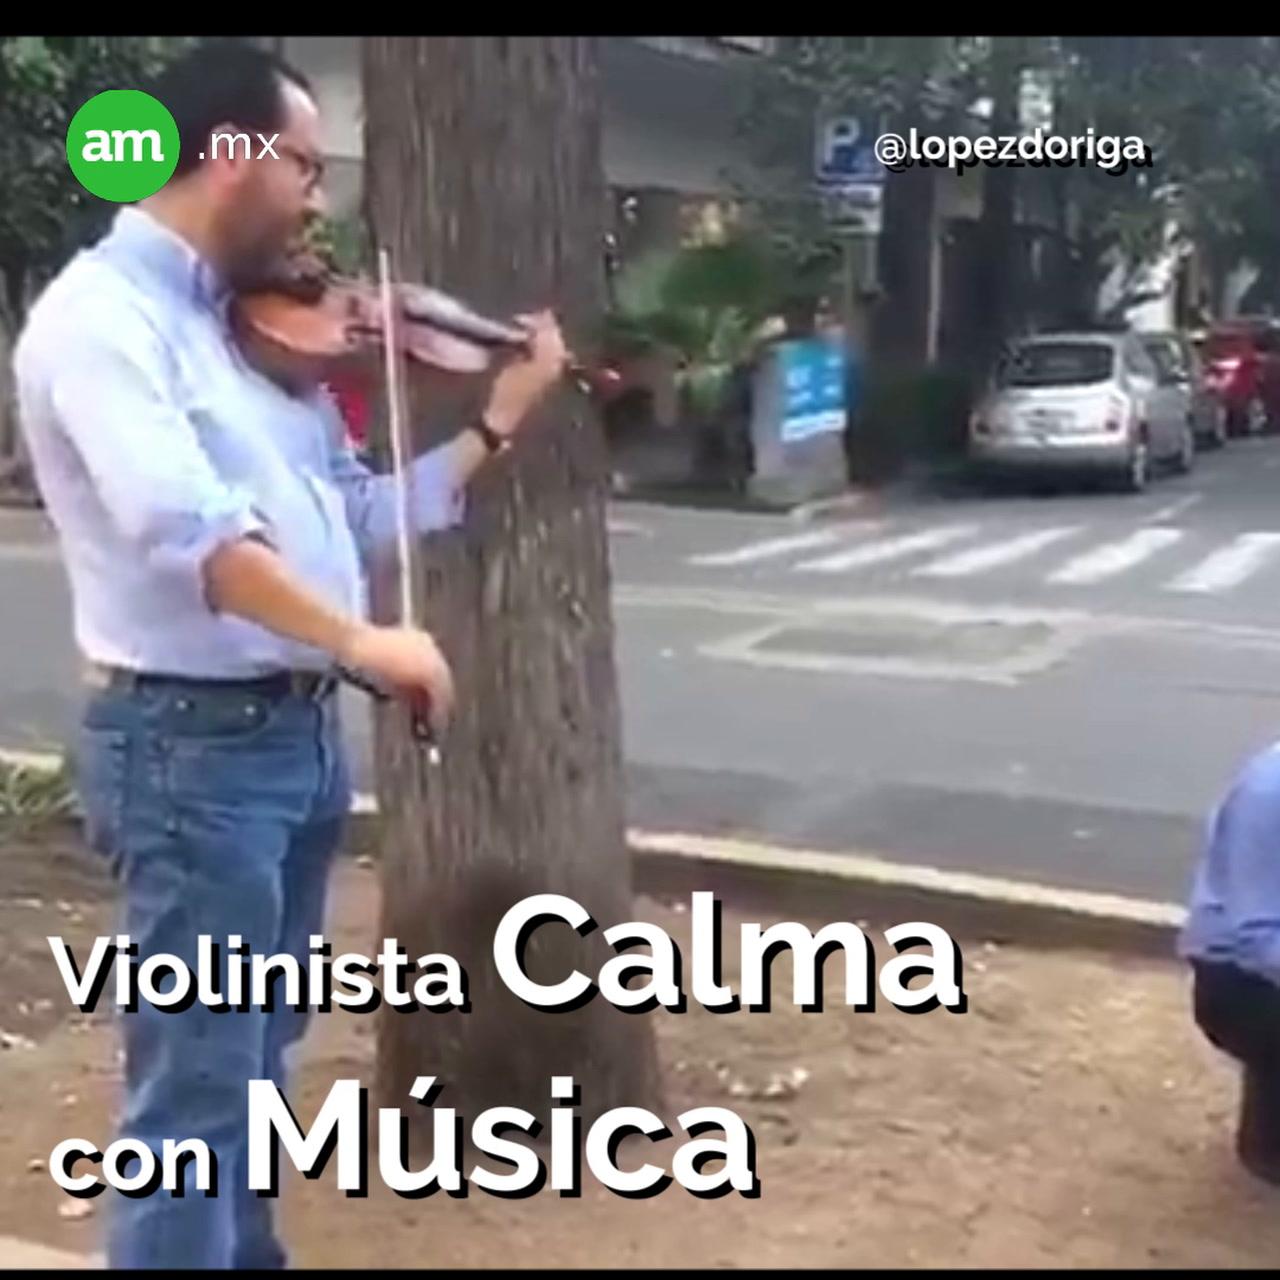 Mantiene la calma con música